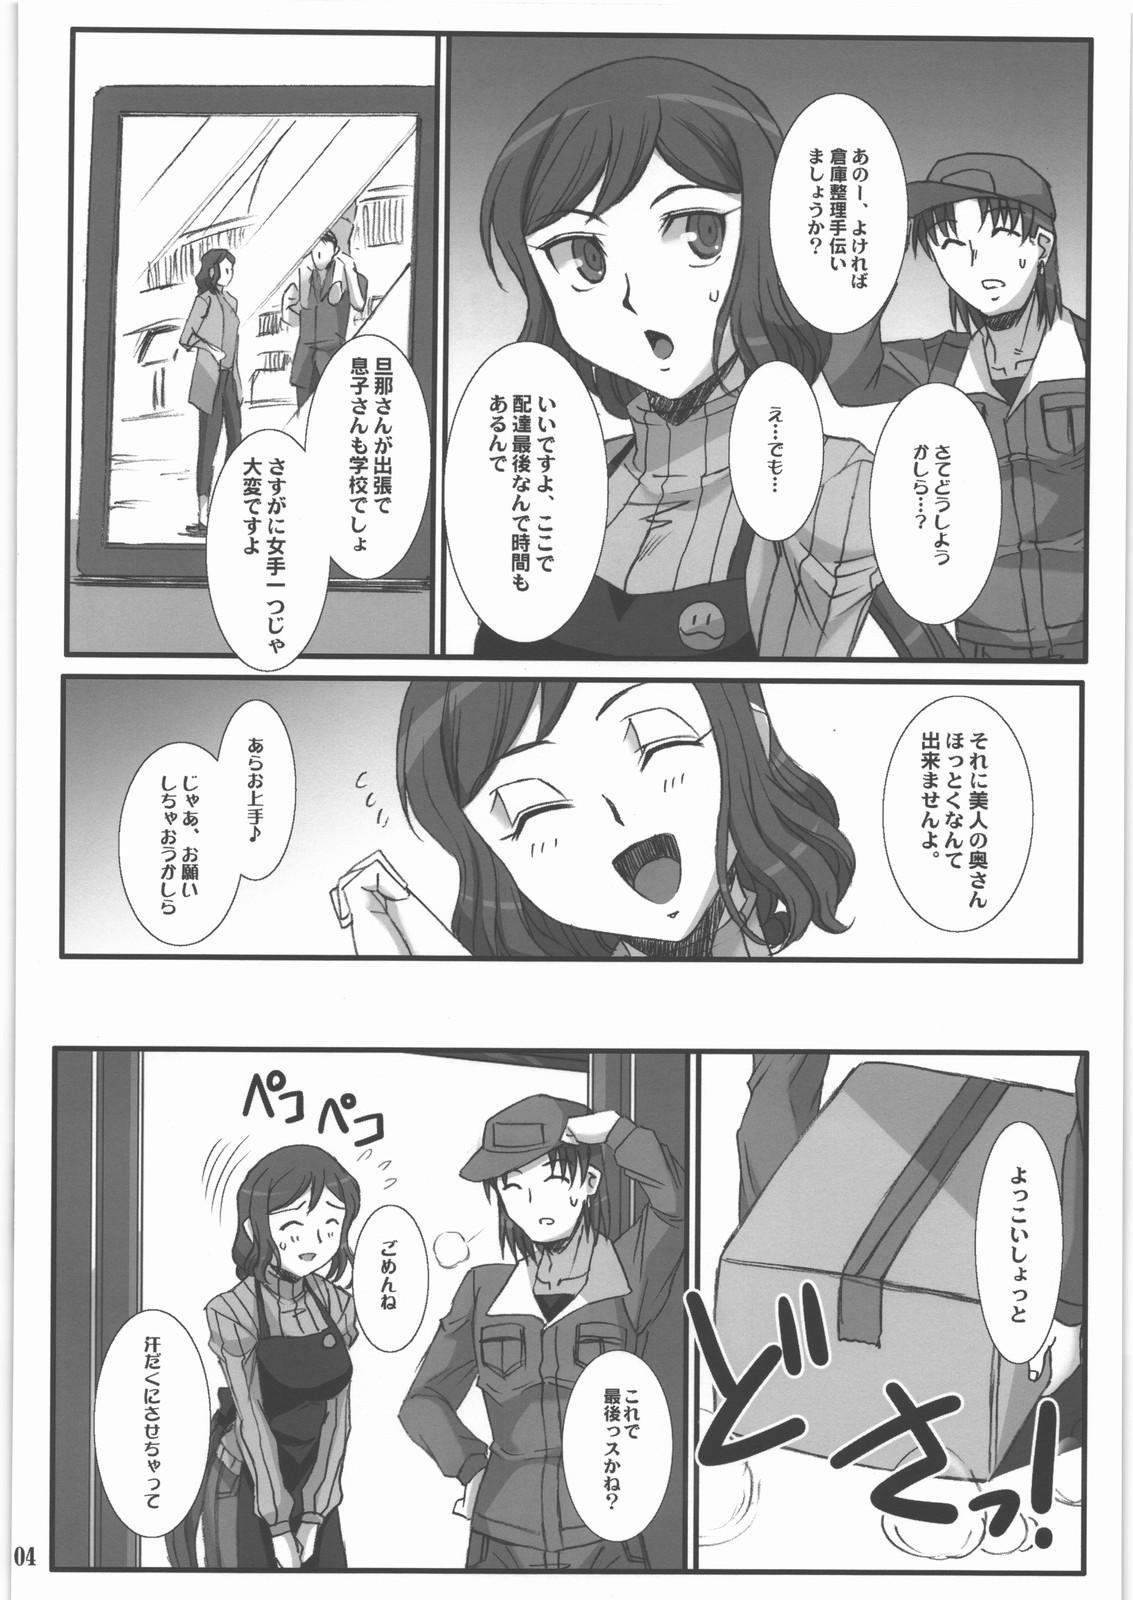 (C85) [H.B (B-RIVER)] Rin toshite Saku Hana no You ni - Saenai PlaMo-ya no Onna Tenshu ga Netorareru Monogatari (Gundam Build Fighters) 2